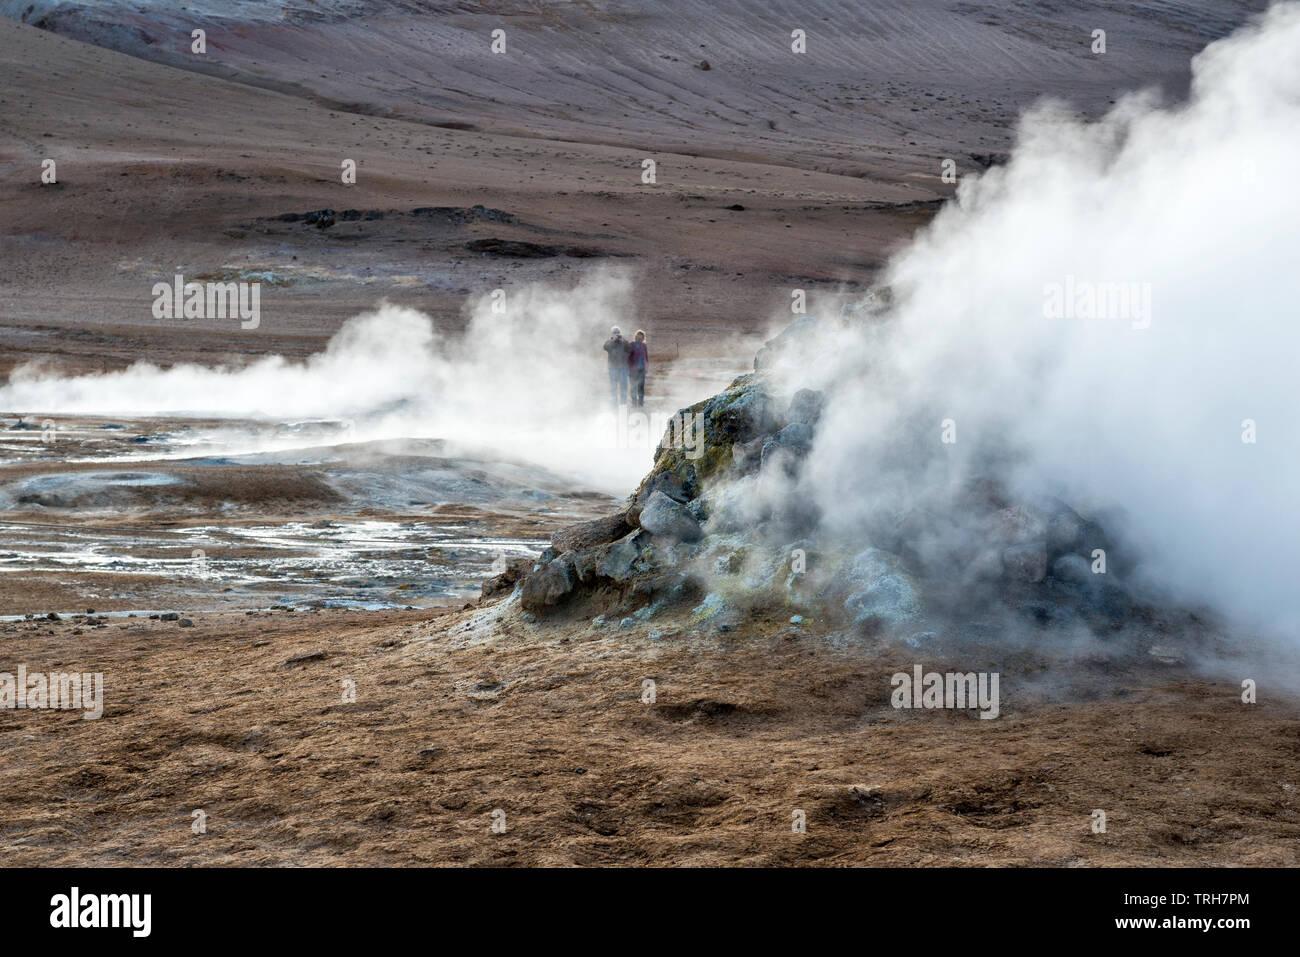 Eine dampfende Fumarole in den hochaktiven geothermalen Gebiet am Námafjall (hverir), in der Nähe von Mývatn in North-east Iceland Stockbild